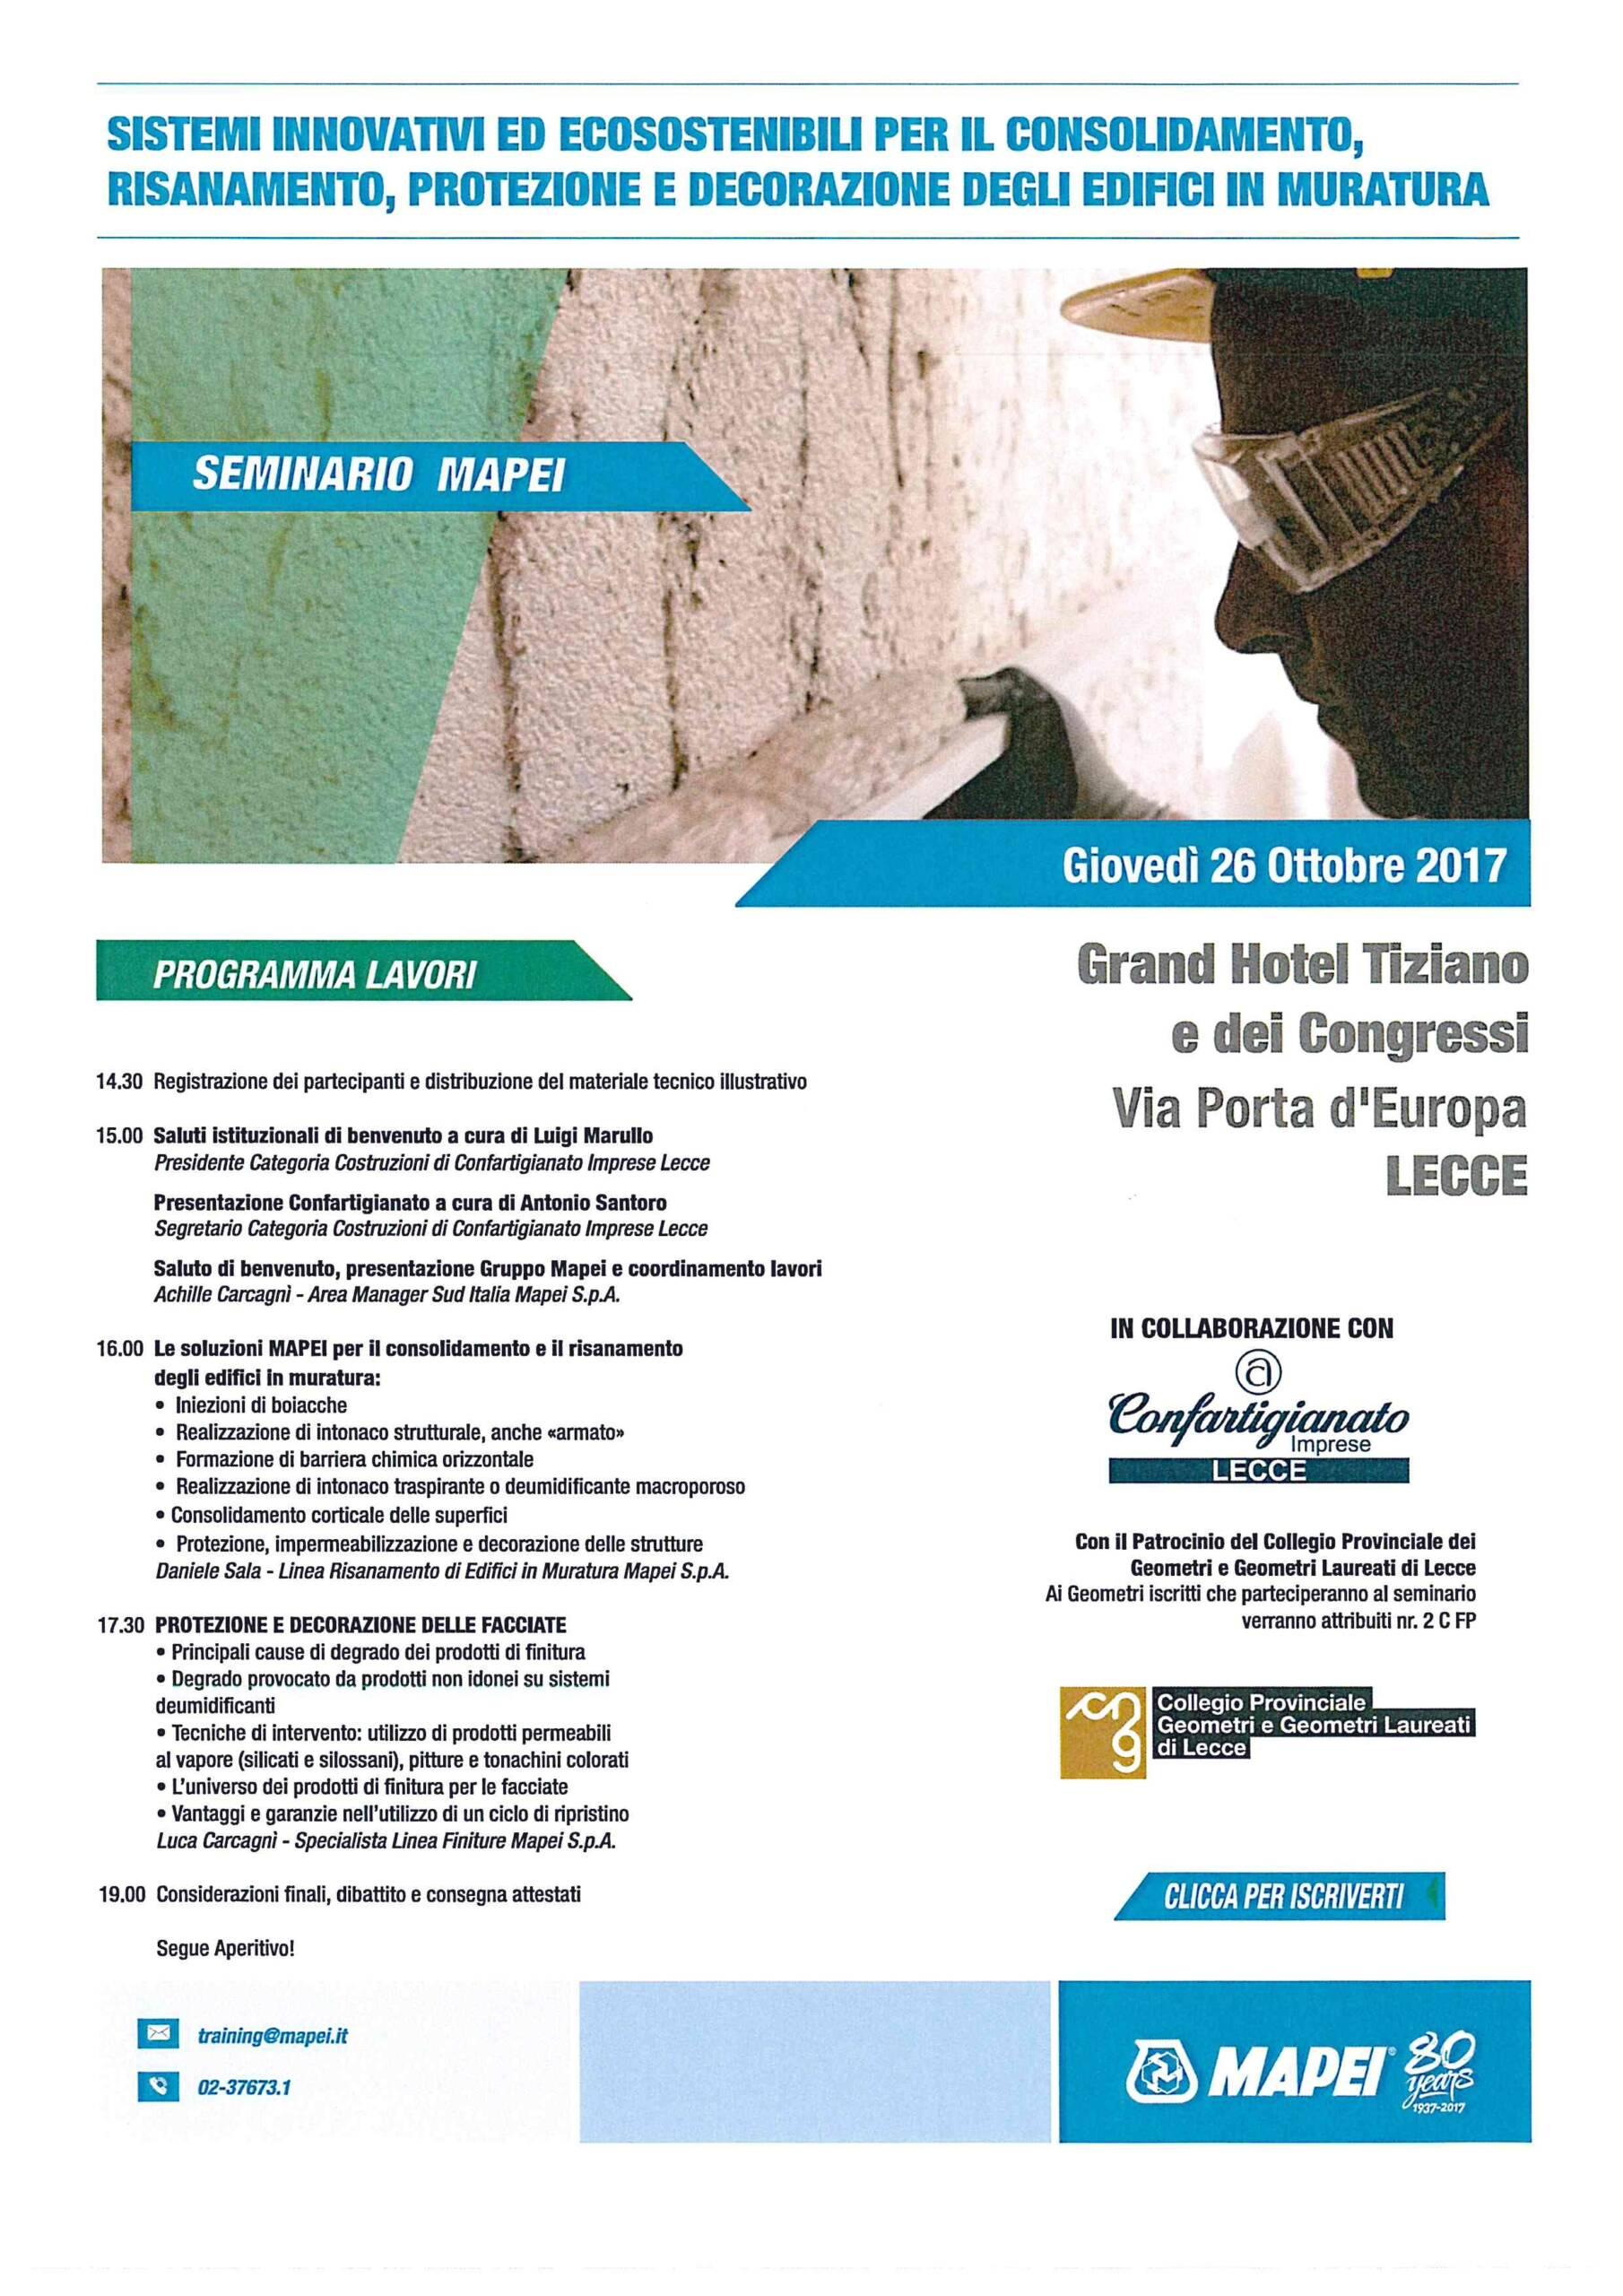 Seminario Mapei – Sistemi innovativi ed eco sostenibili per il consolidamento, risanamento, protezione e decorazione degli edifici in muratura – Lecce 26/10/2017